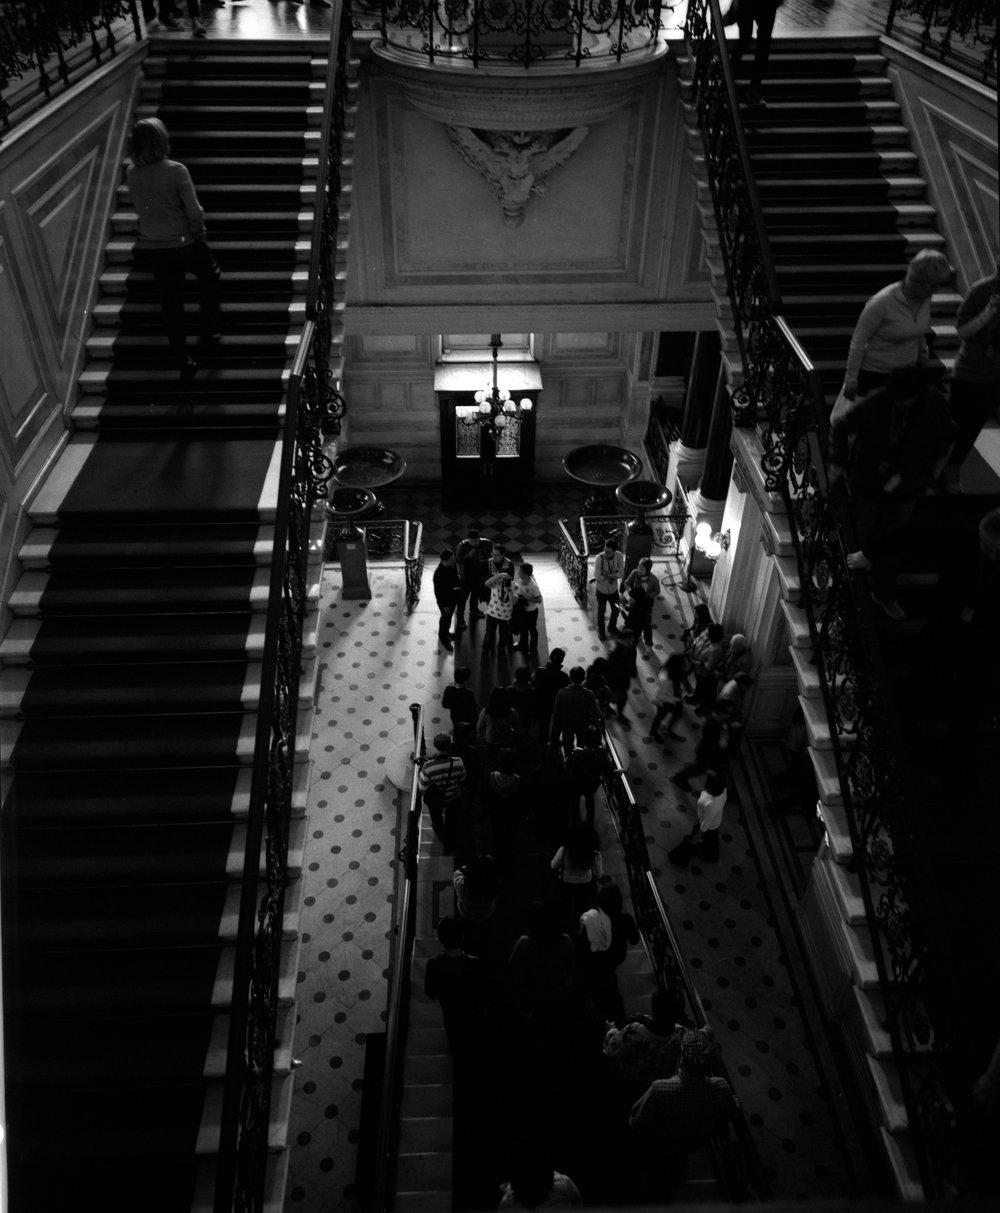 Stairs Fuji GF670w | Ilford HP5